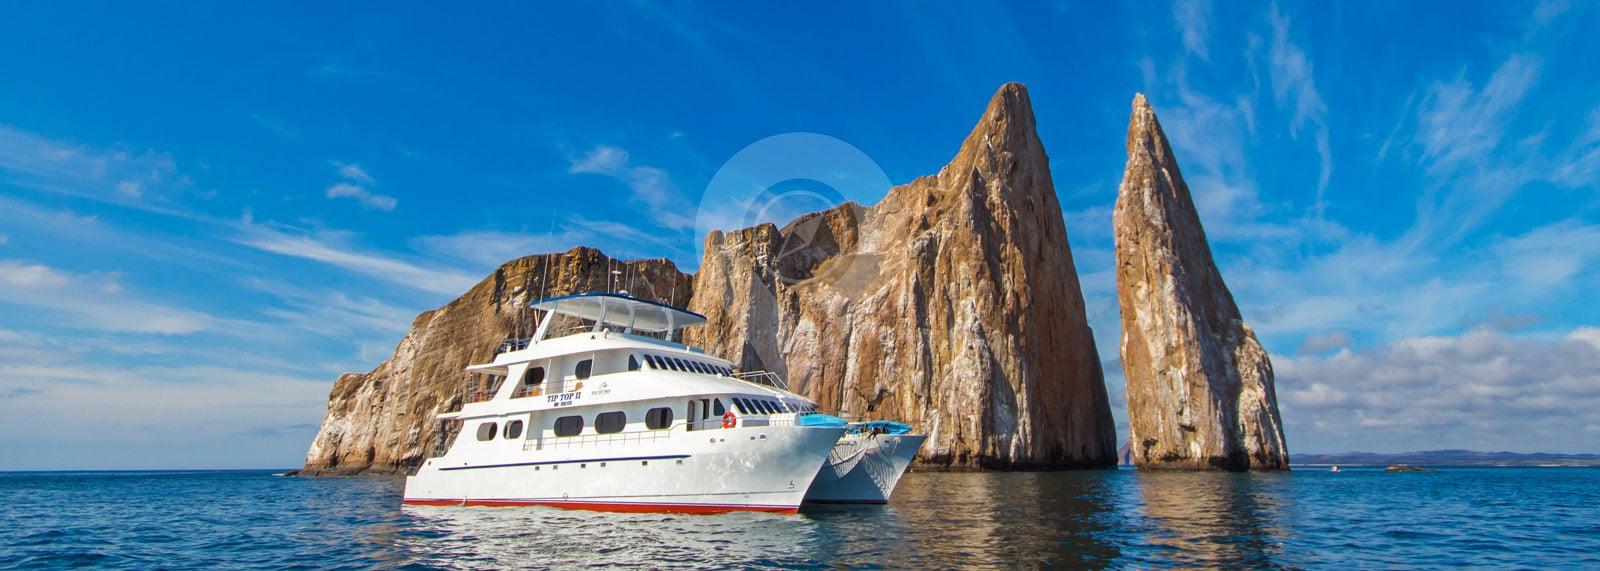 Catamaran Tip Top 2 Galapagos